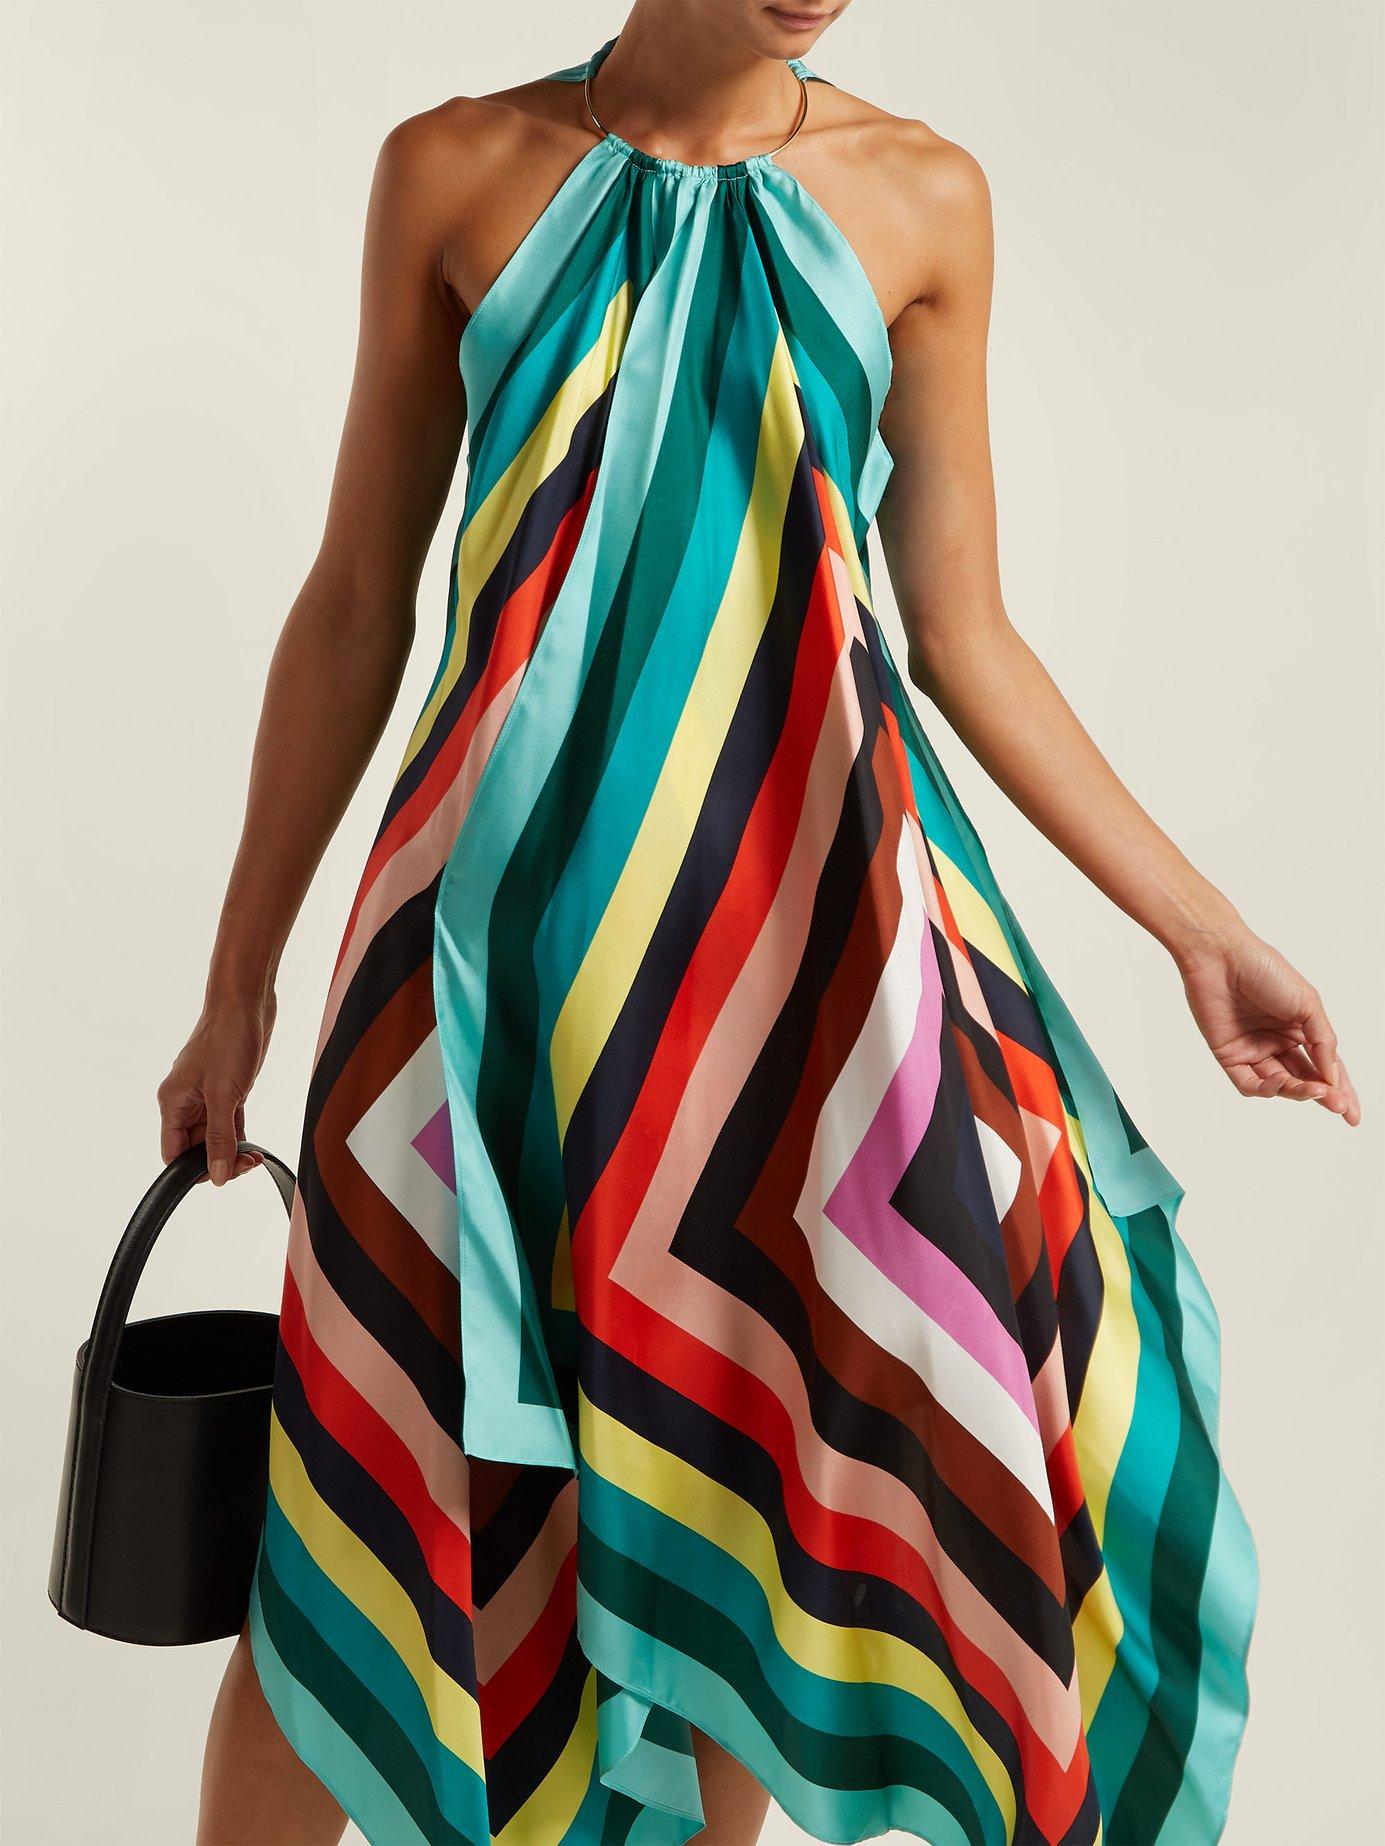 Gia scarf-print silk dress by Diane Von Furstenberg